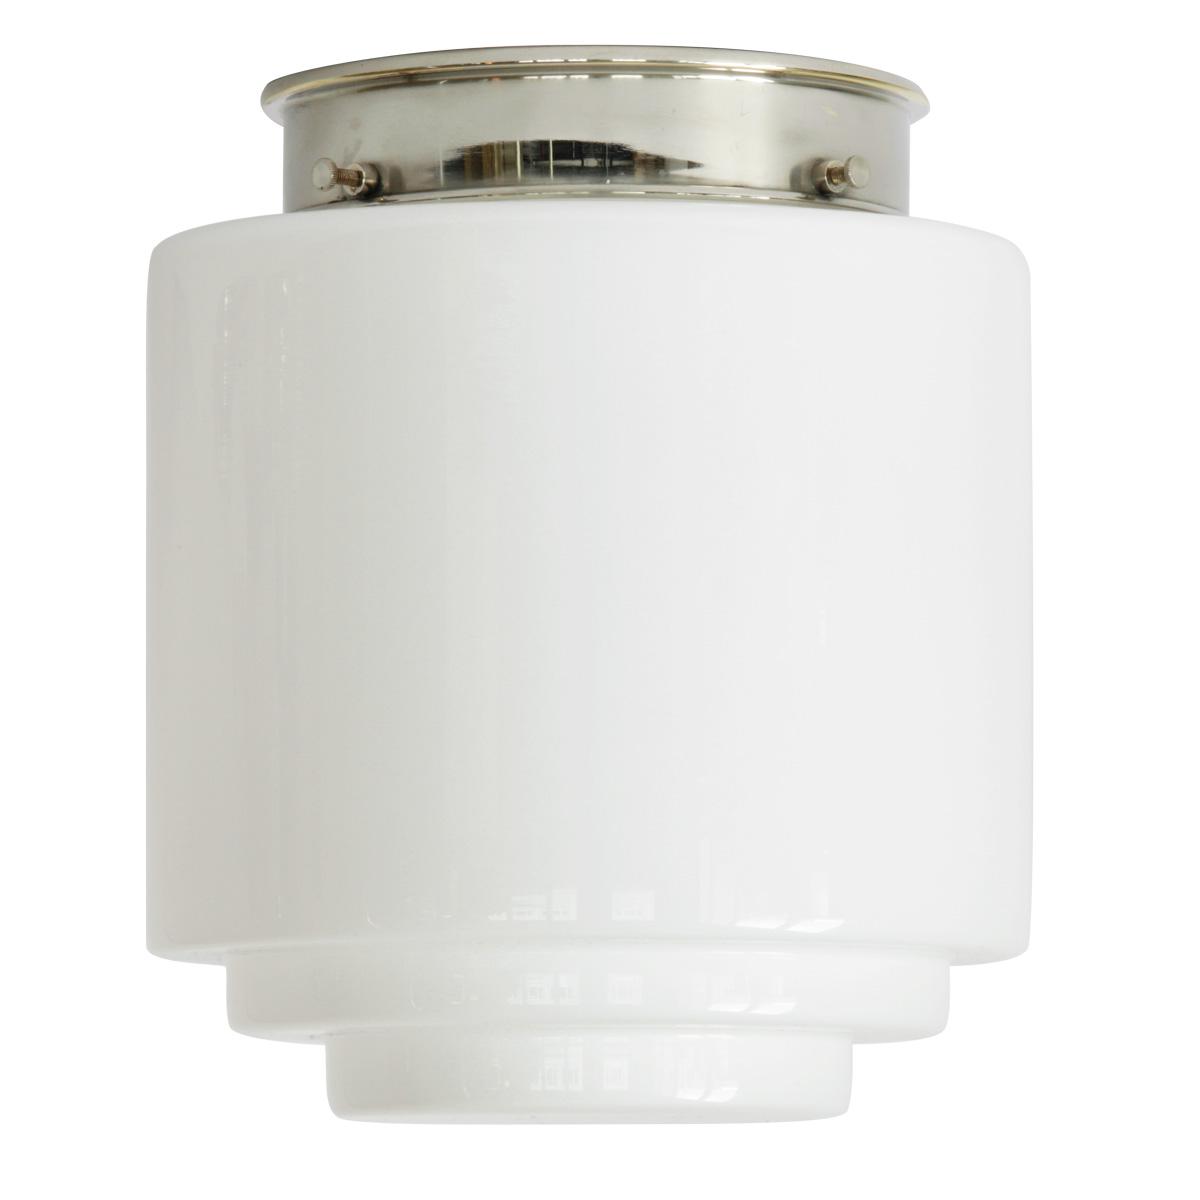 bauhaus deckenleuchte mit gestuftem opal zylinderglas 16. Black Bedroom Furniture Sets. Home Design Ideas